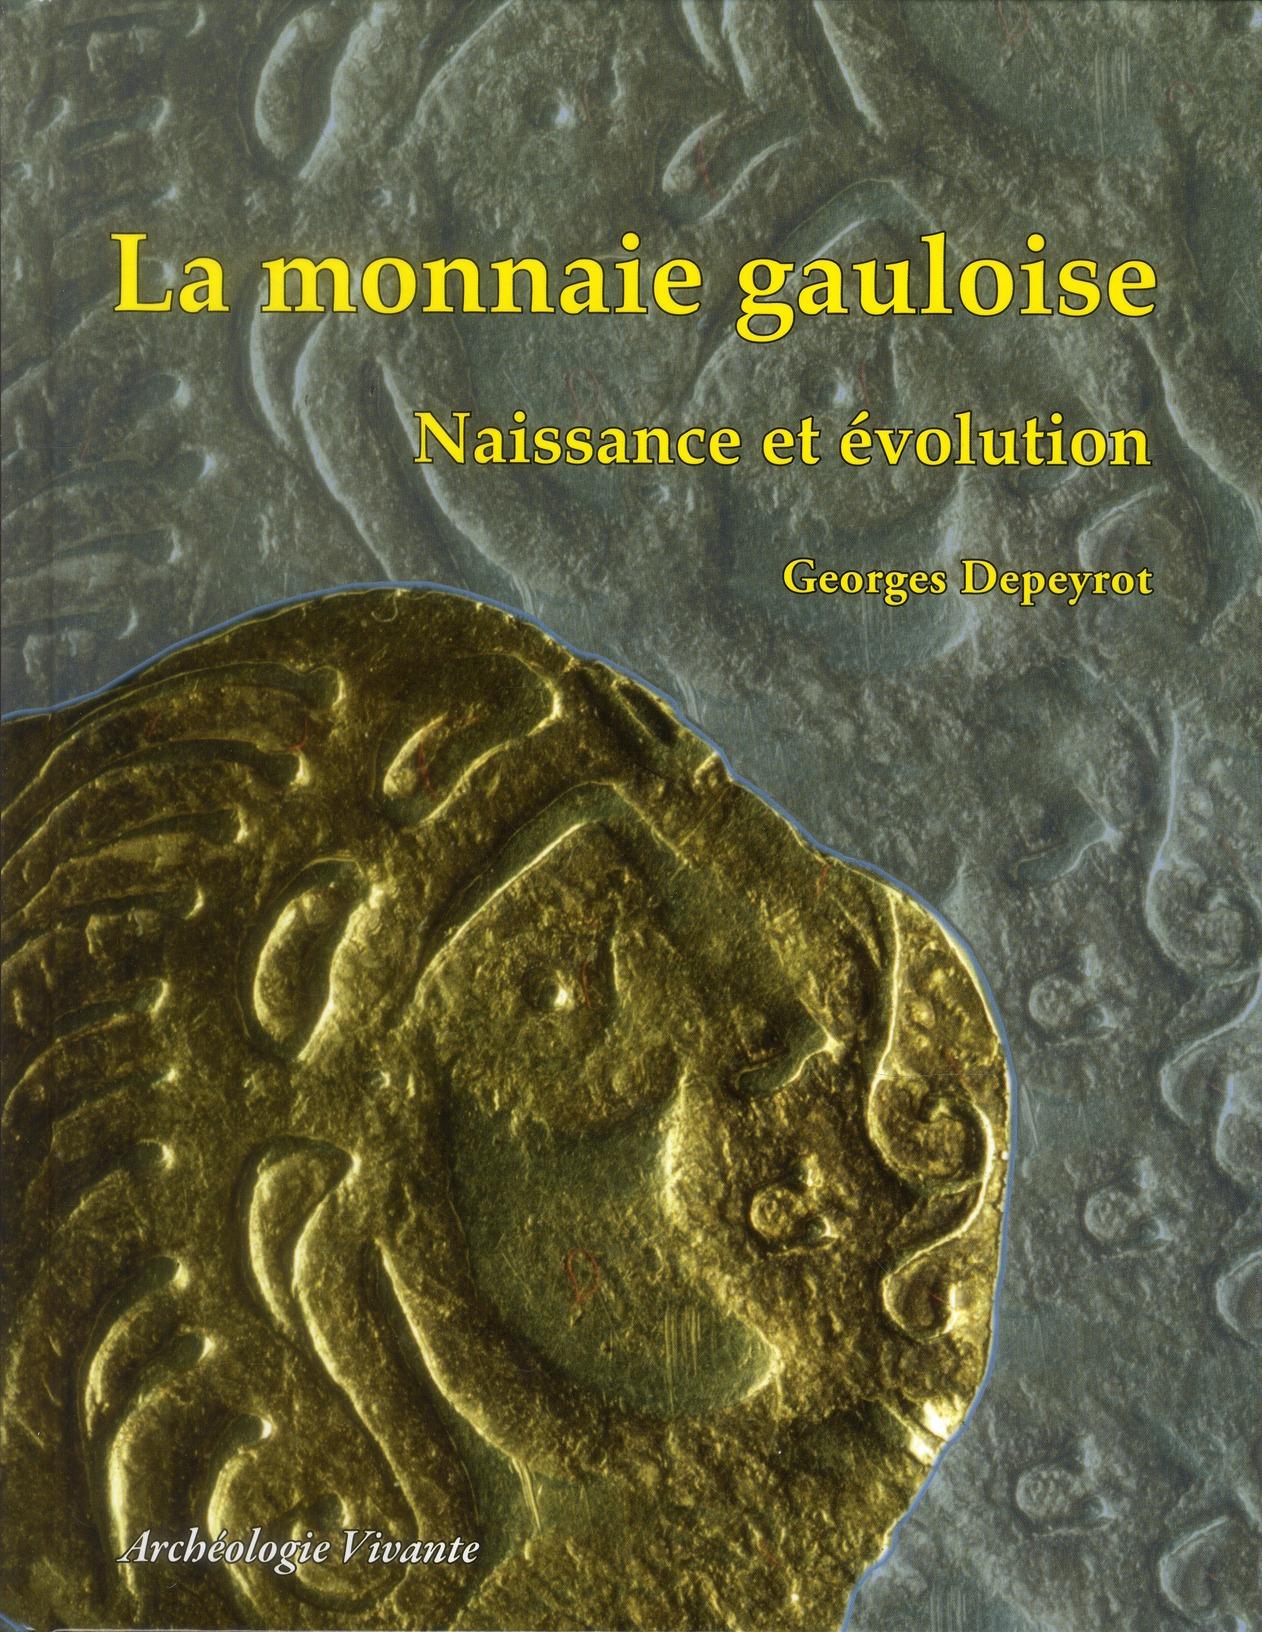 LA MONNAIE GAULOISE - NAISSANCE ET EVOLUTION